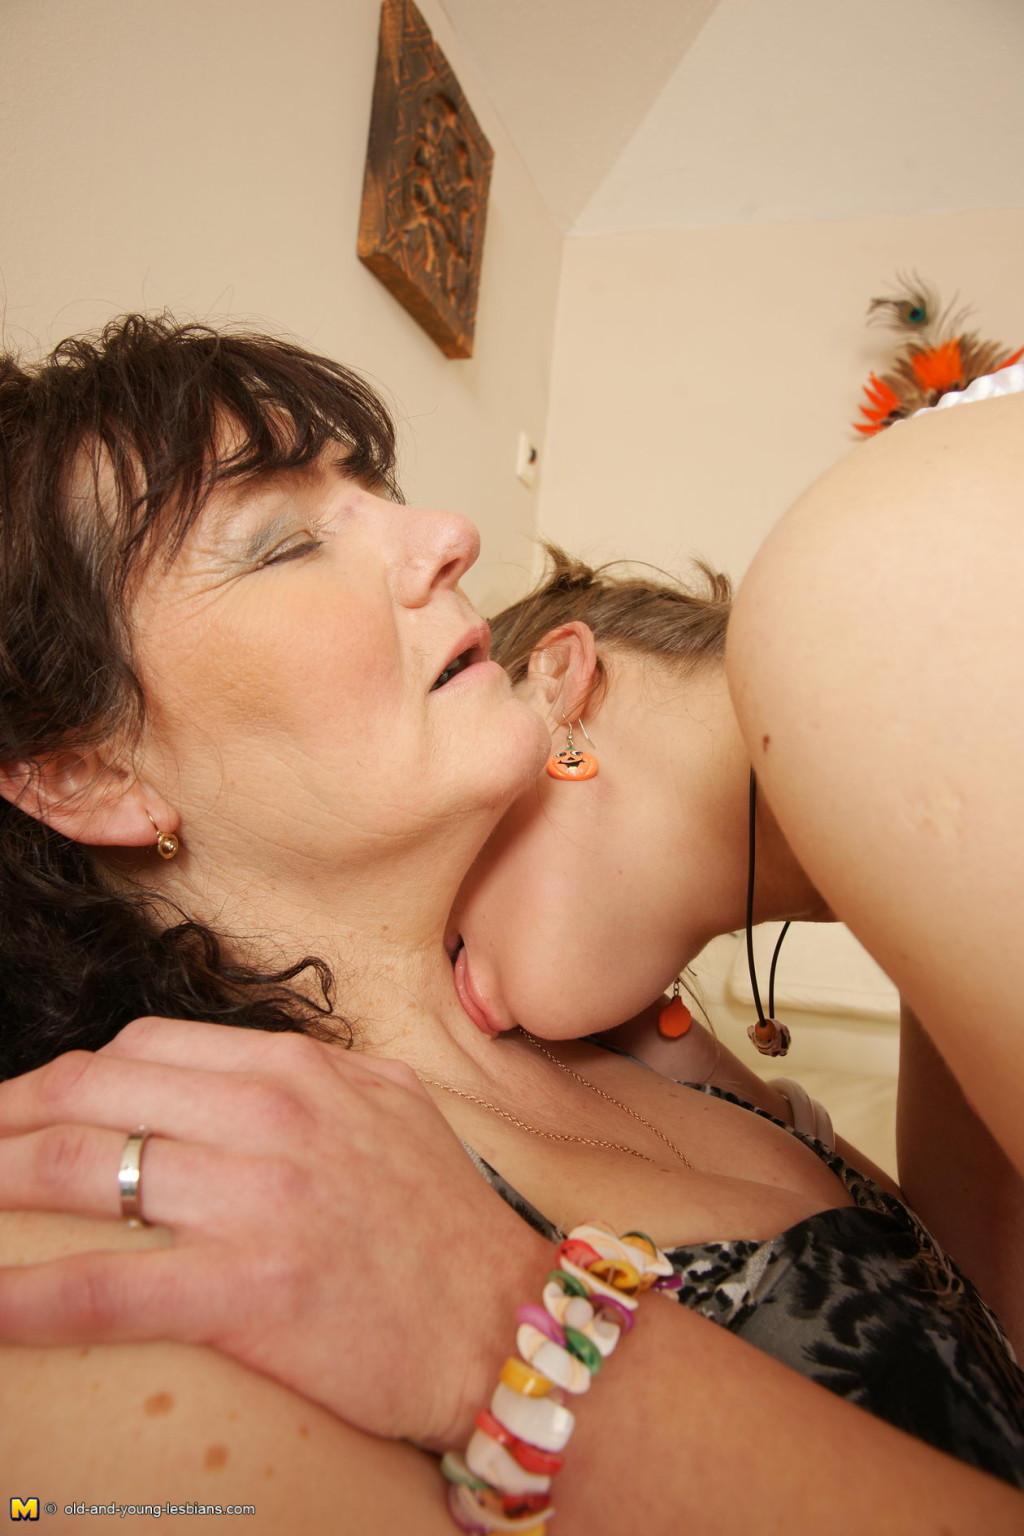 Лесби - Порно галерея № 3550132